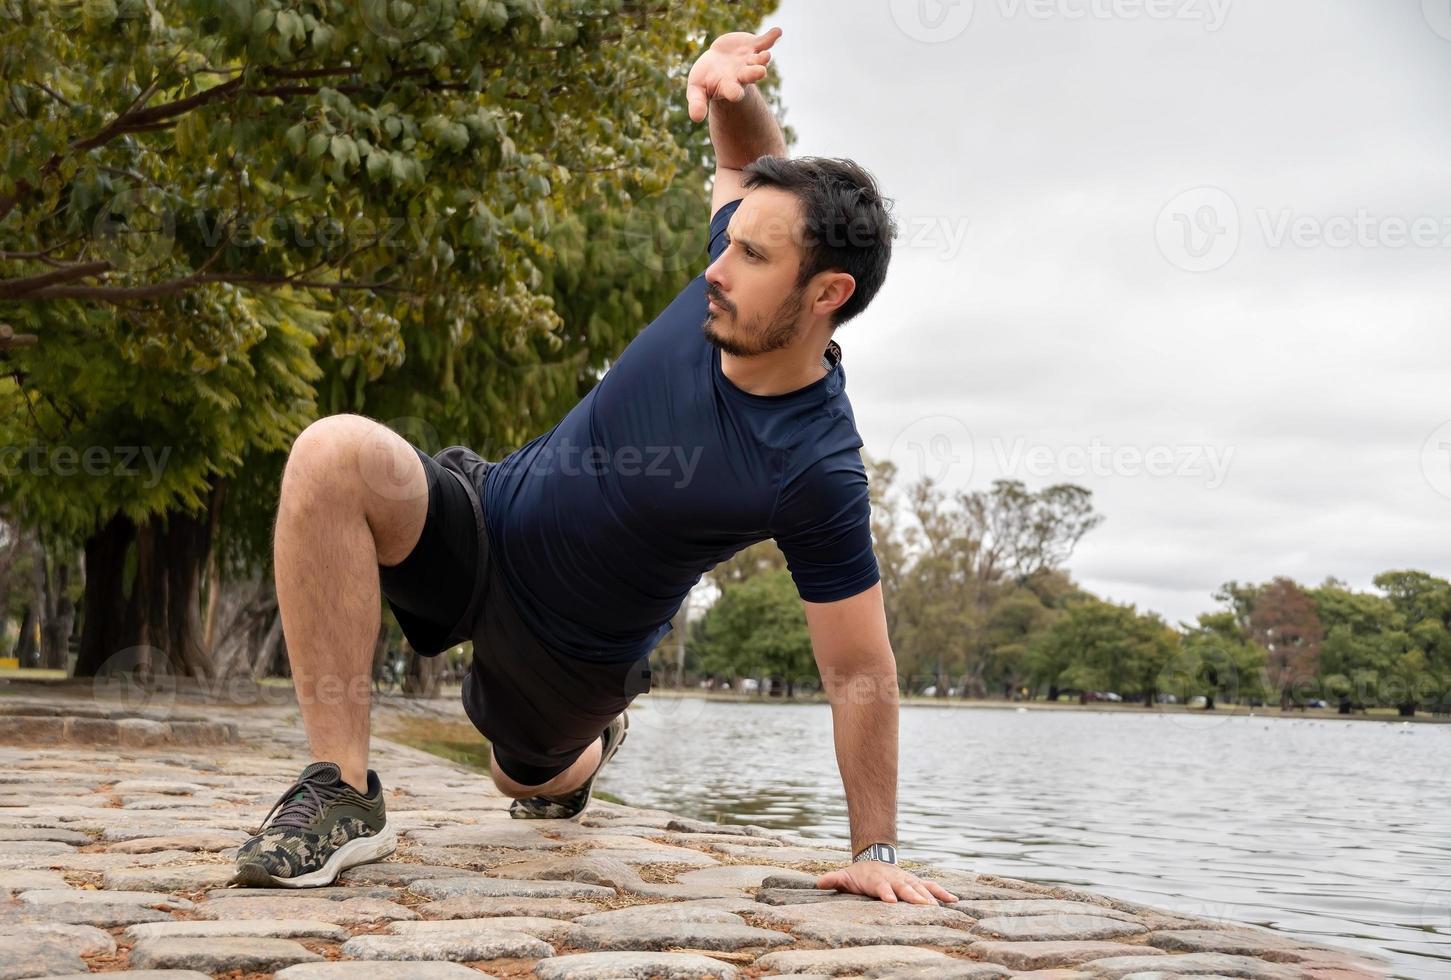 Mann trainiert mit Animal Flow Workout, um sein Körpergewicht zu erhöhen foto